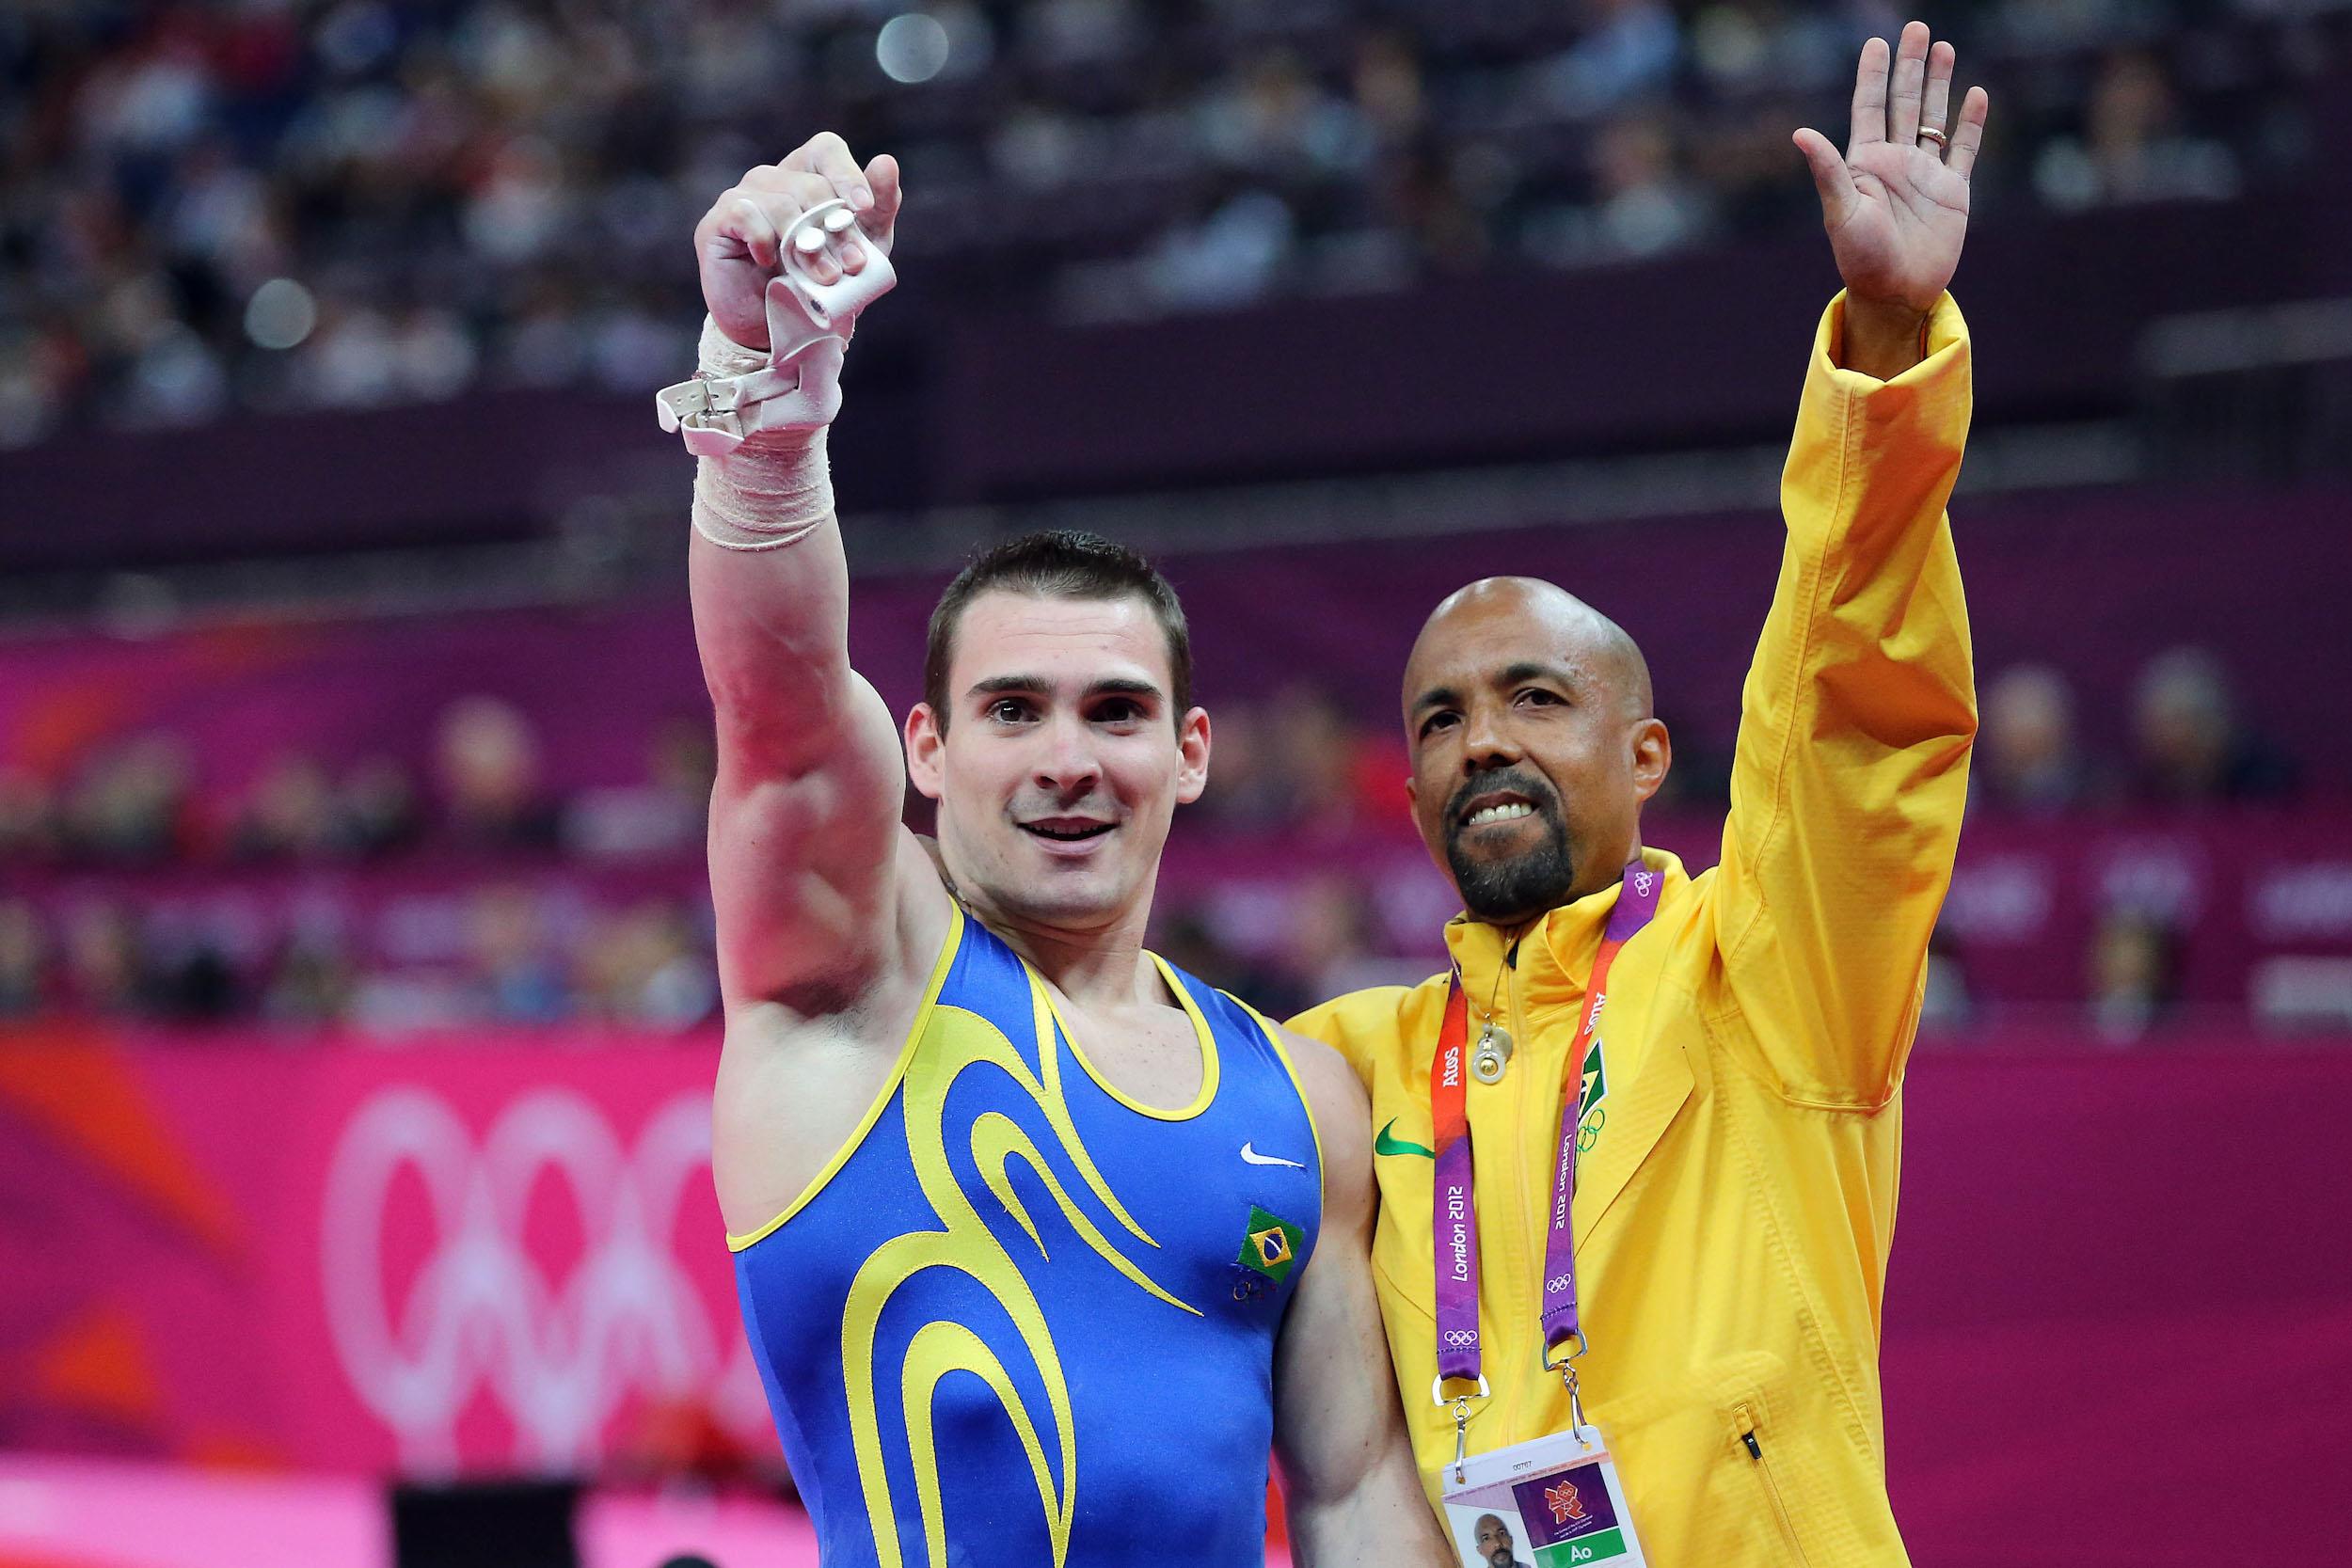 Arthur Zanetti vai adiar a aposentadoria para disputar a Olimpíada de Tóquio